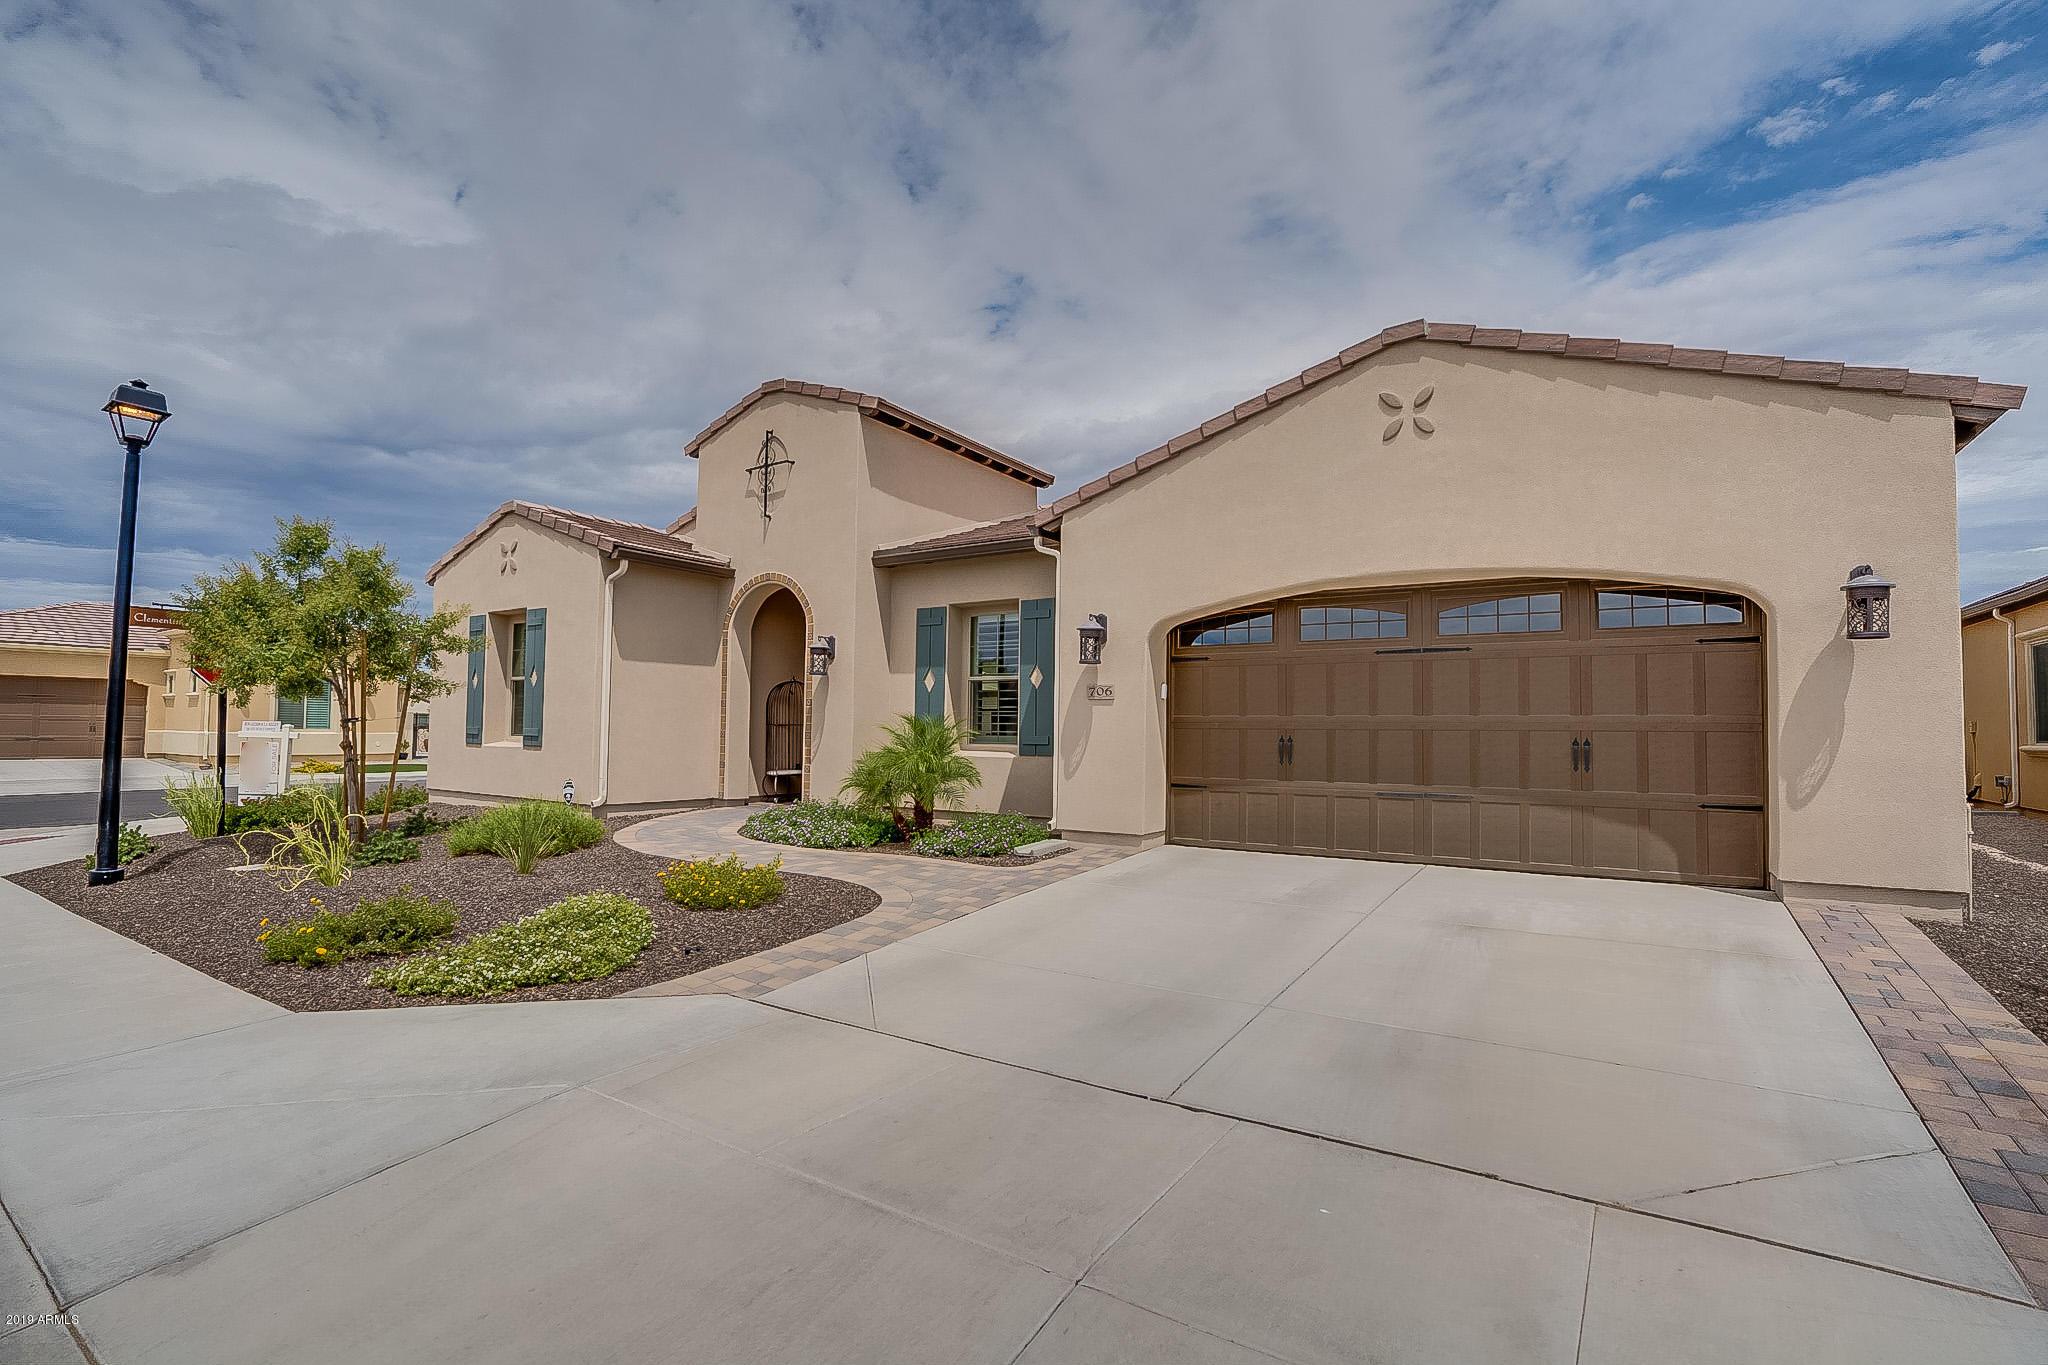 Photo of 706 E LA PALTA Street, Queen Creek, AZ 85140